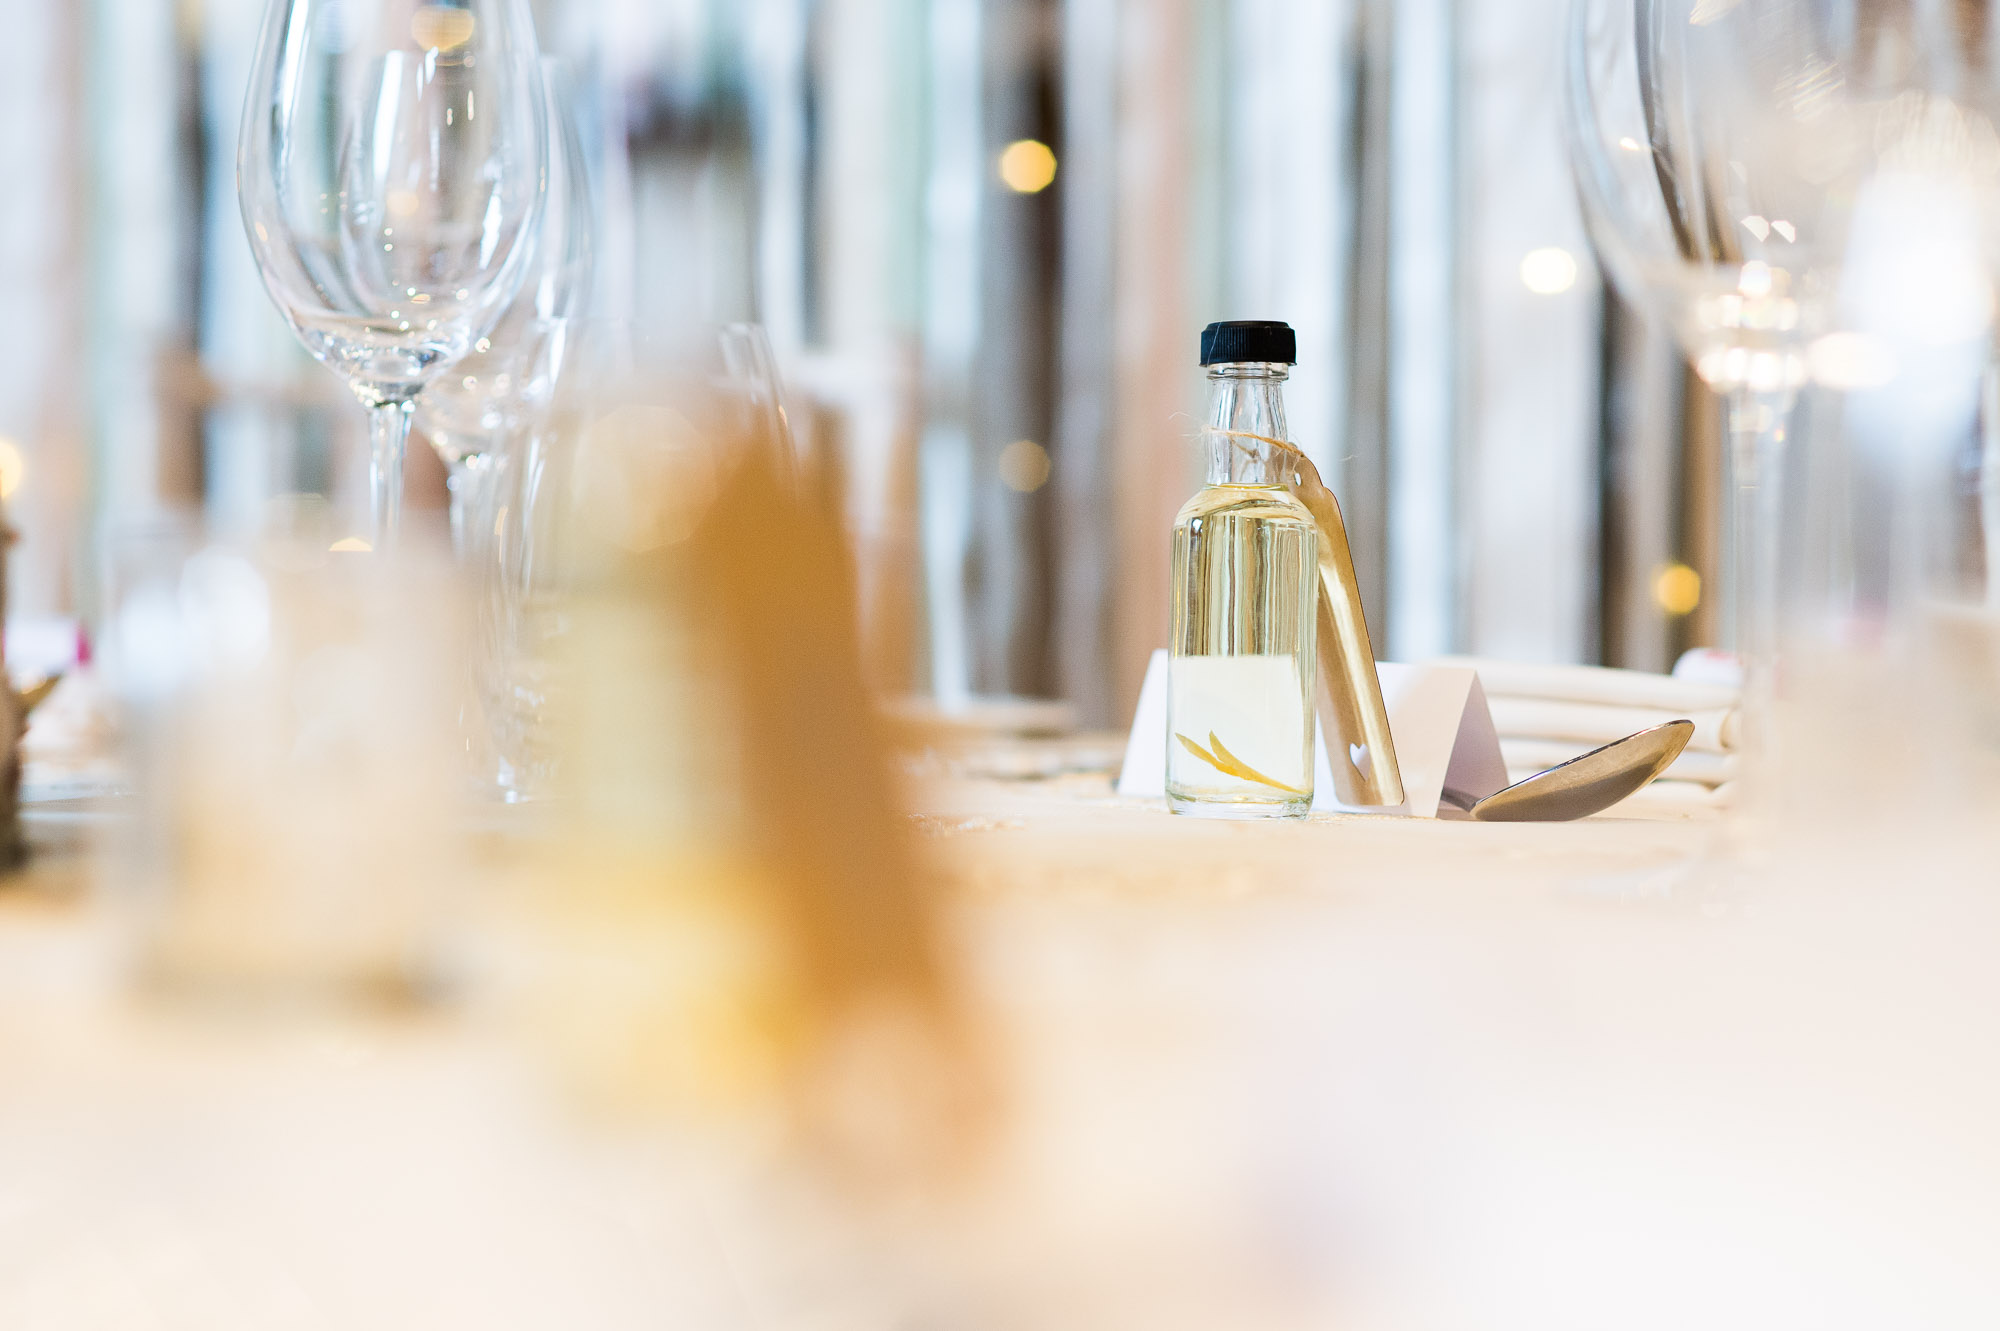 DIY wedding favour of infused vodka bottles